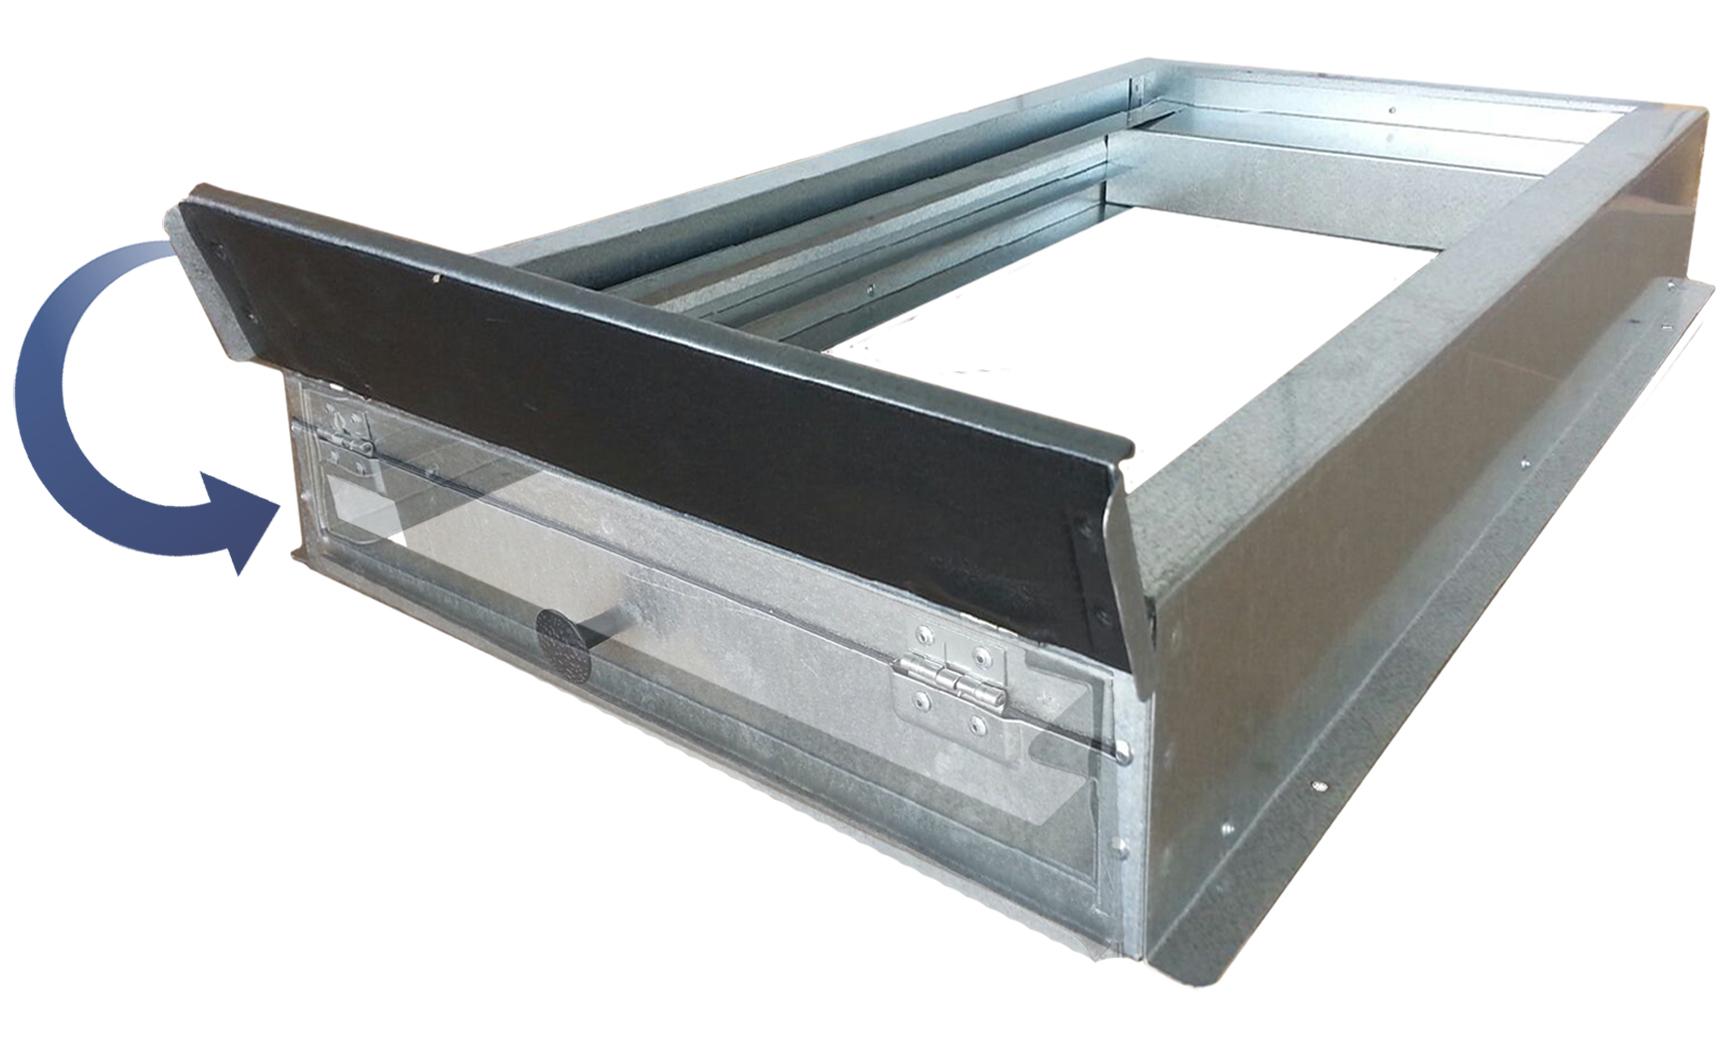 amana goodman furnace external 1 or 2 filter rack blg2